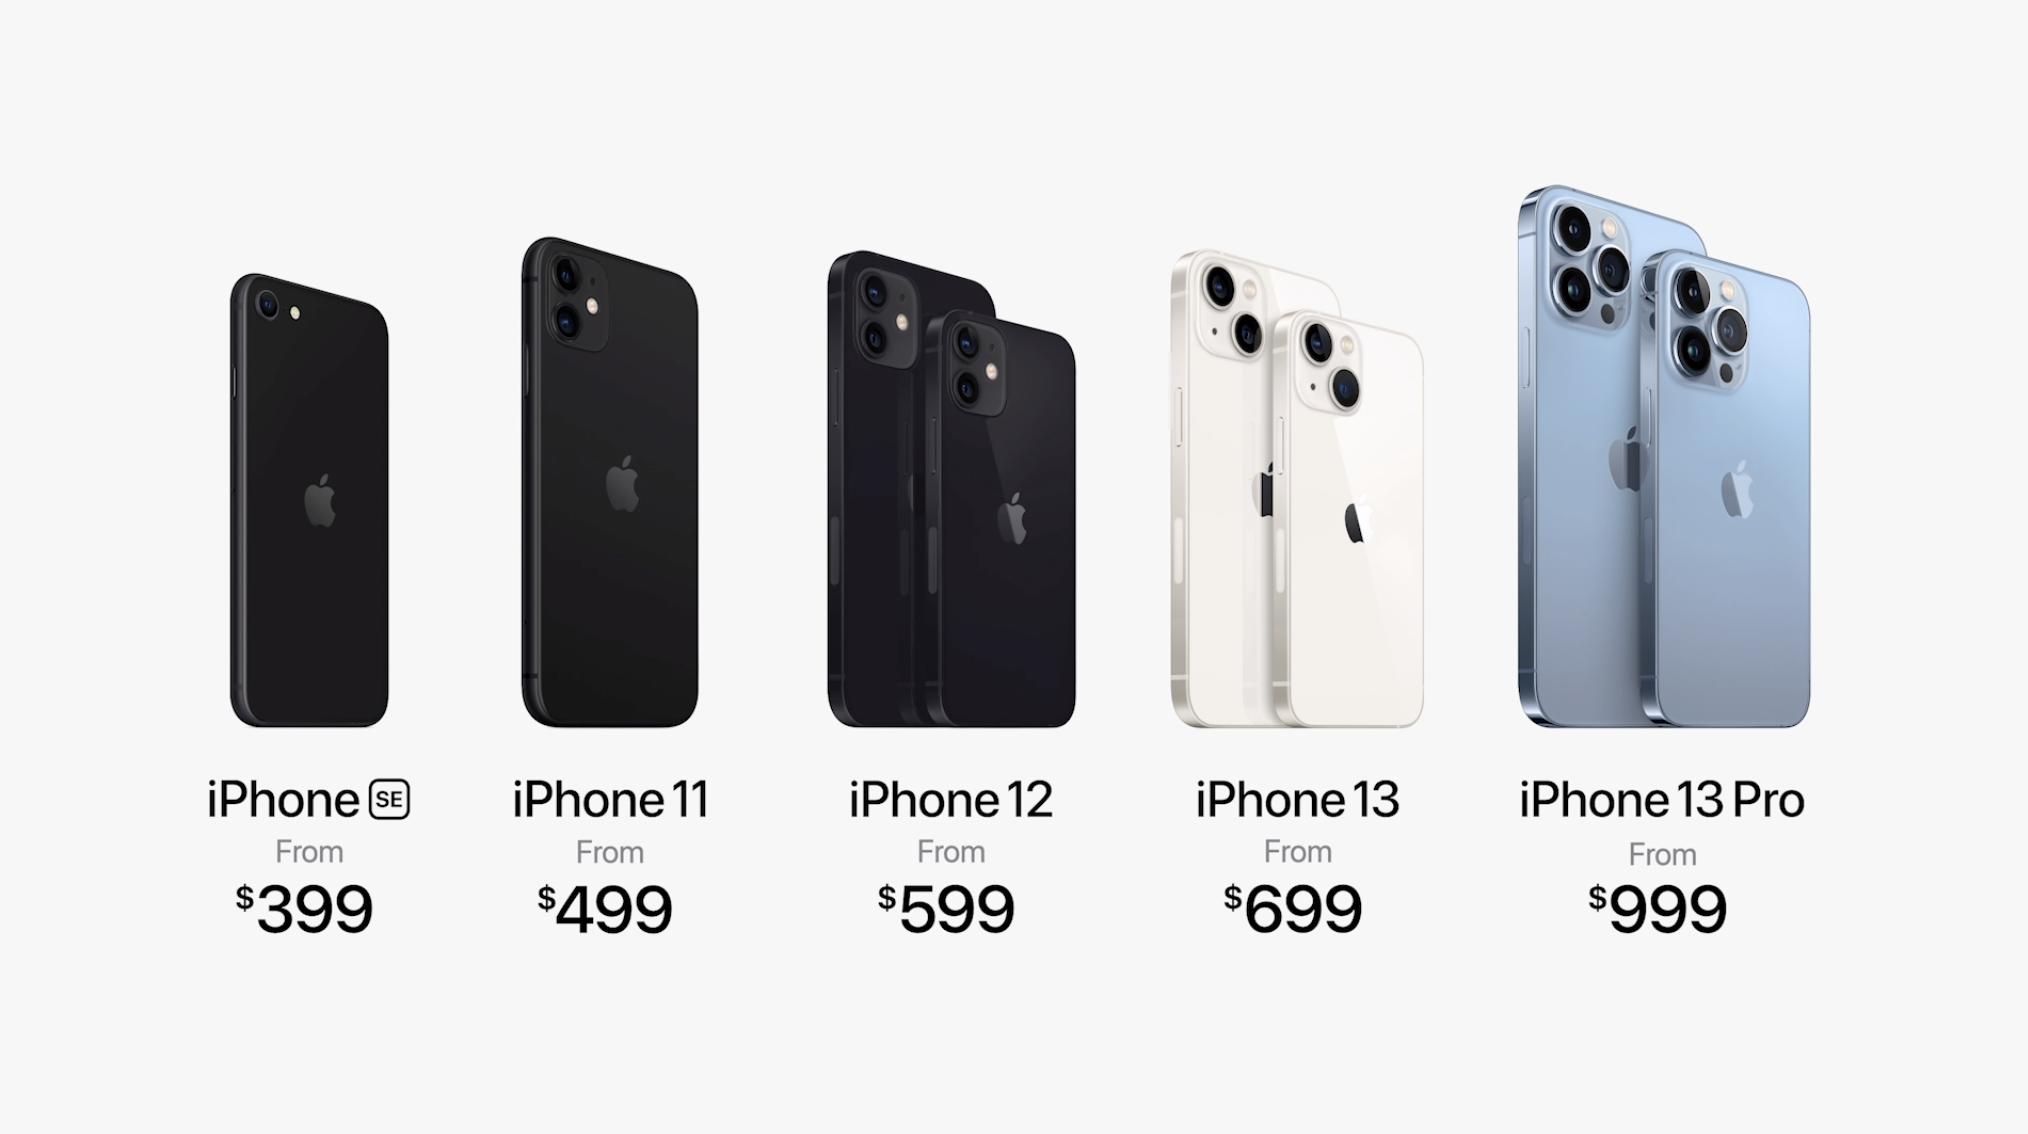 苹果iPhone13系列699元起售 摄像头系统全面升级_图1-4